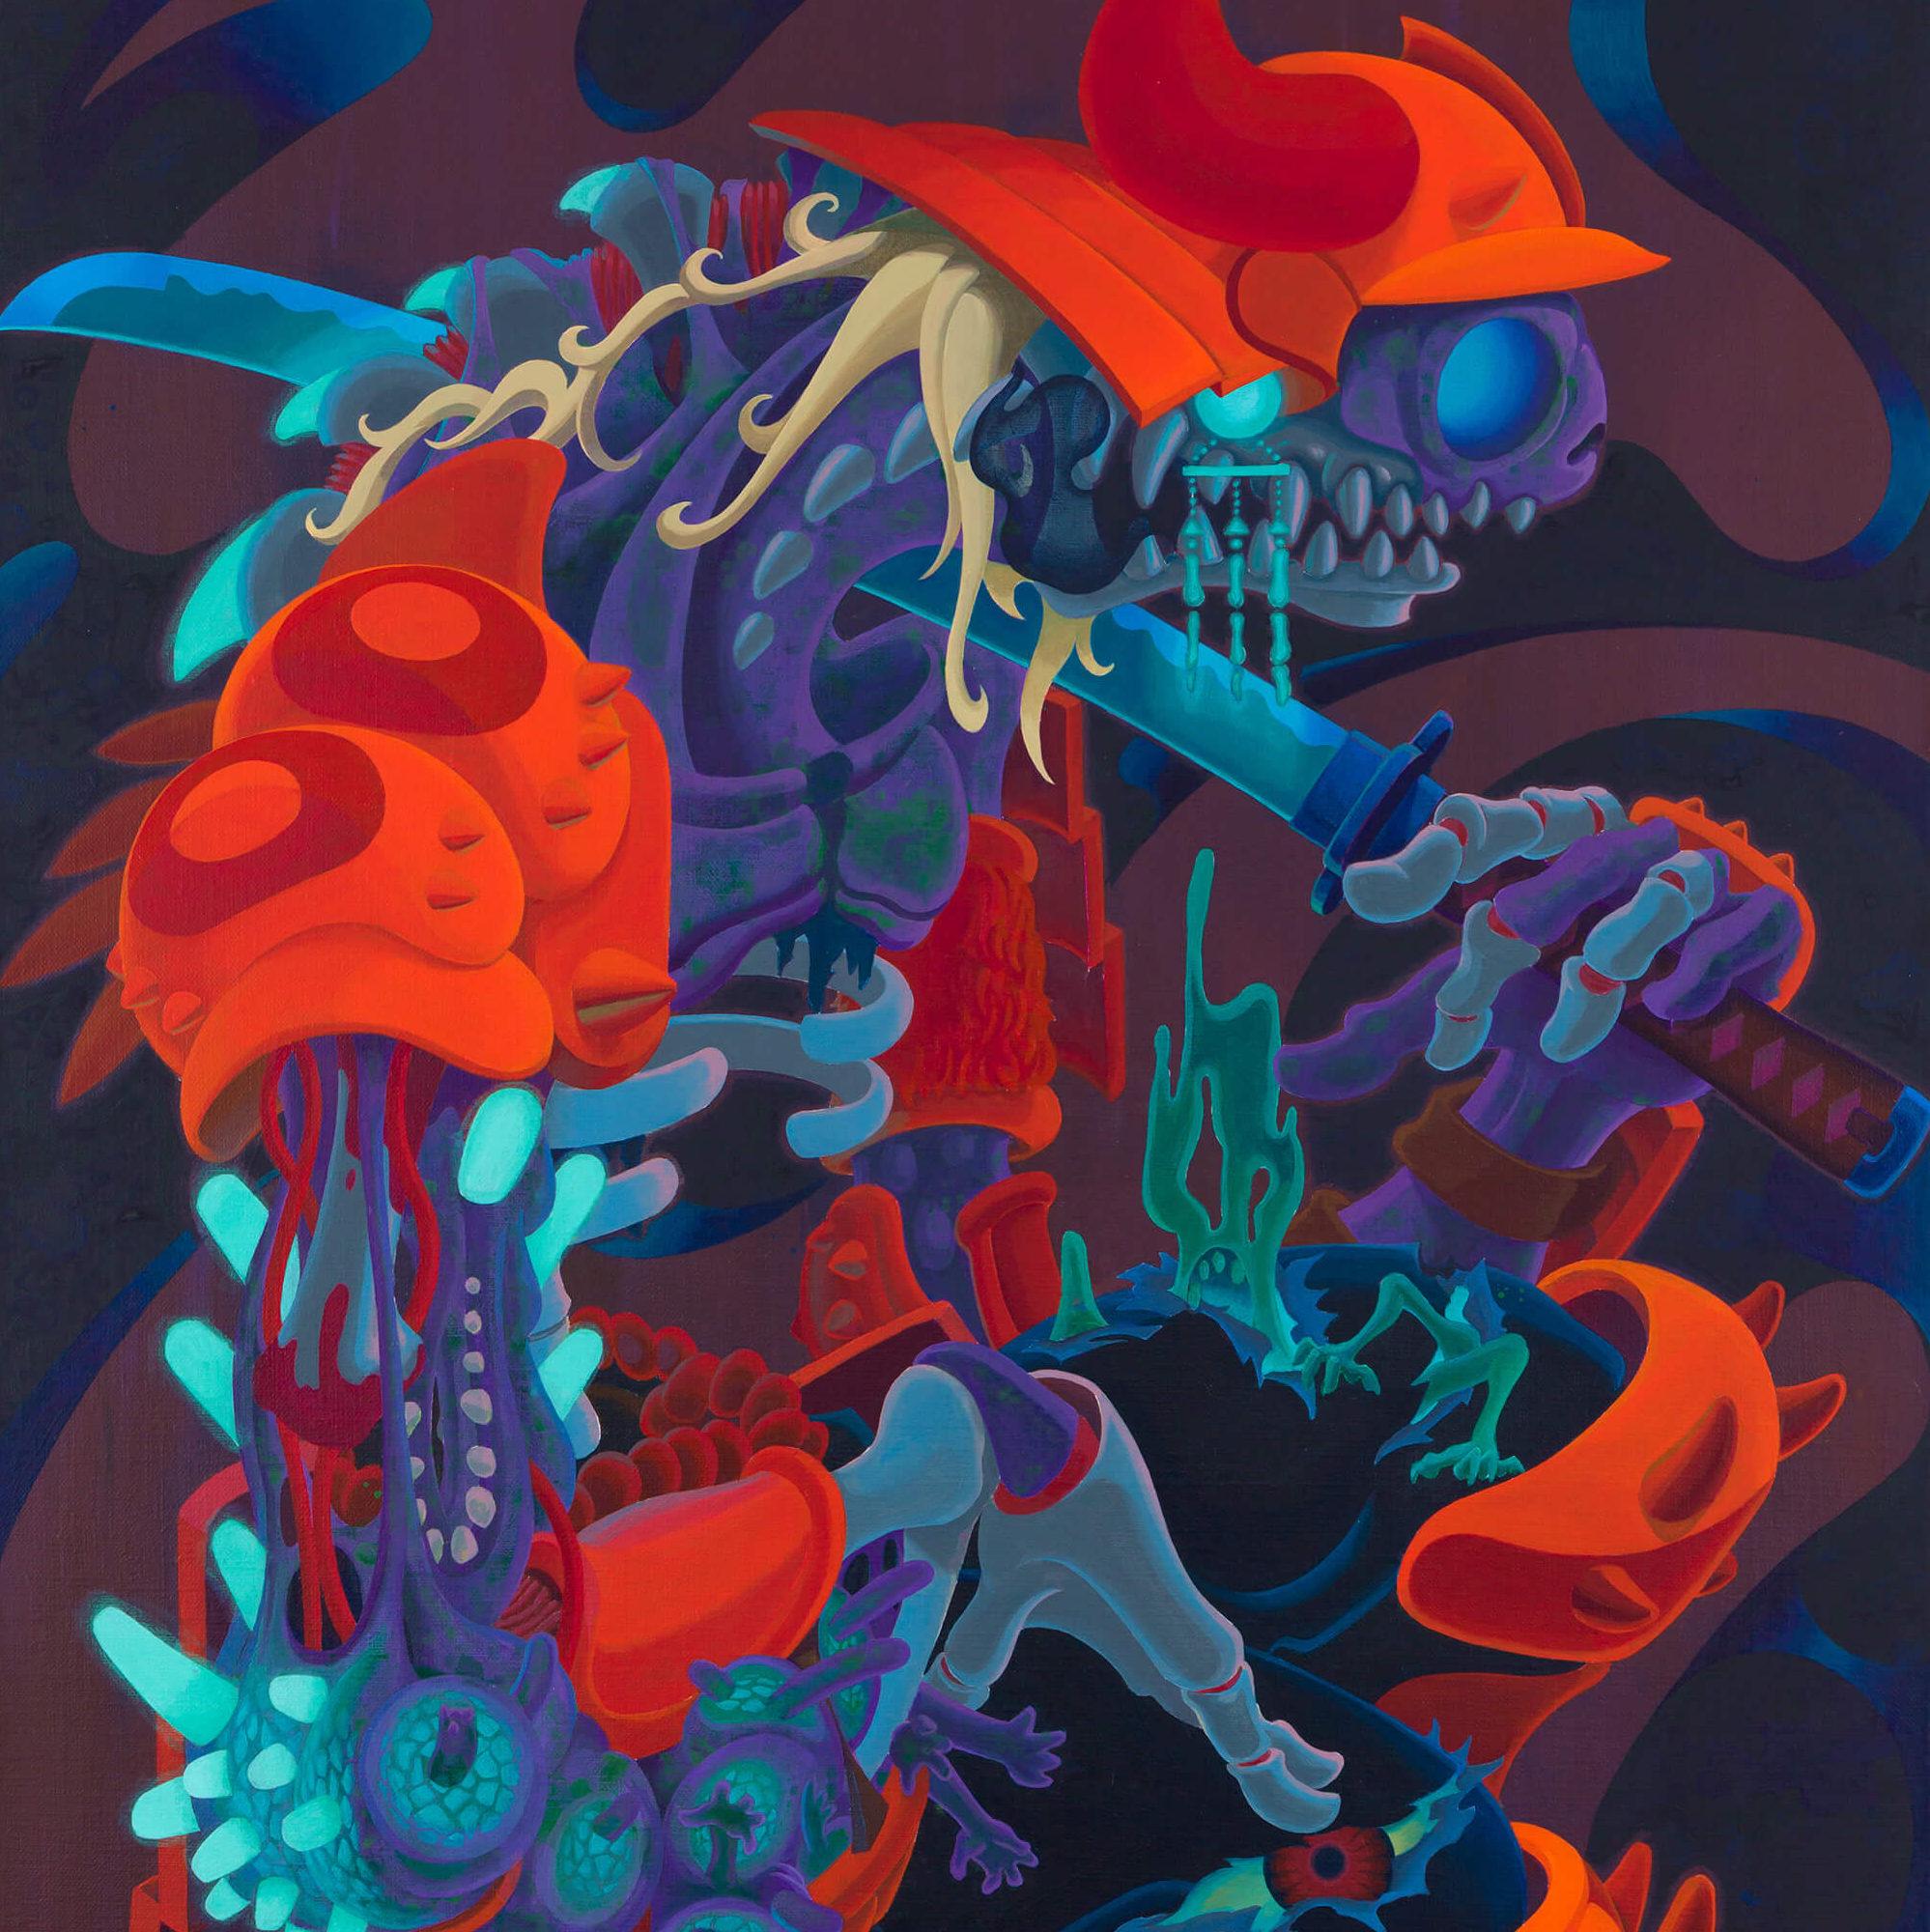 彷徨う鎧 -Rambling Army- |  Acrylic on canvas 910×652 (mm) 2020